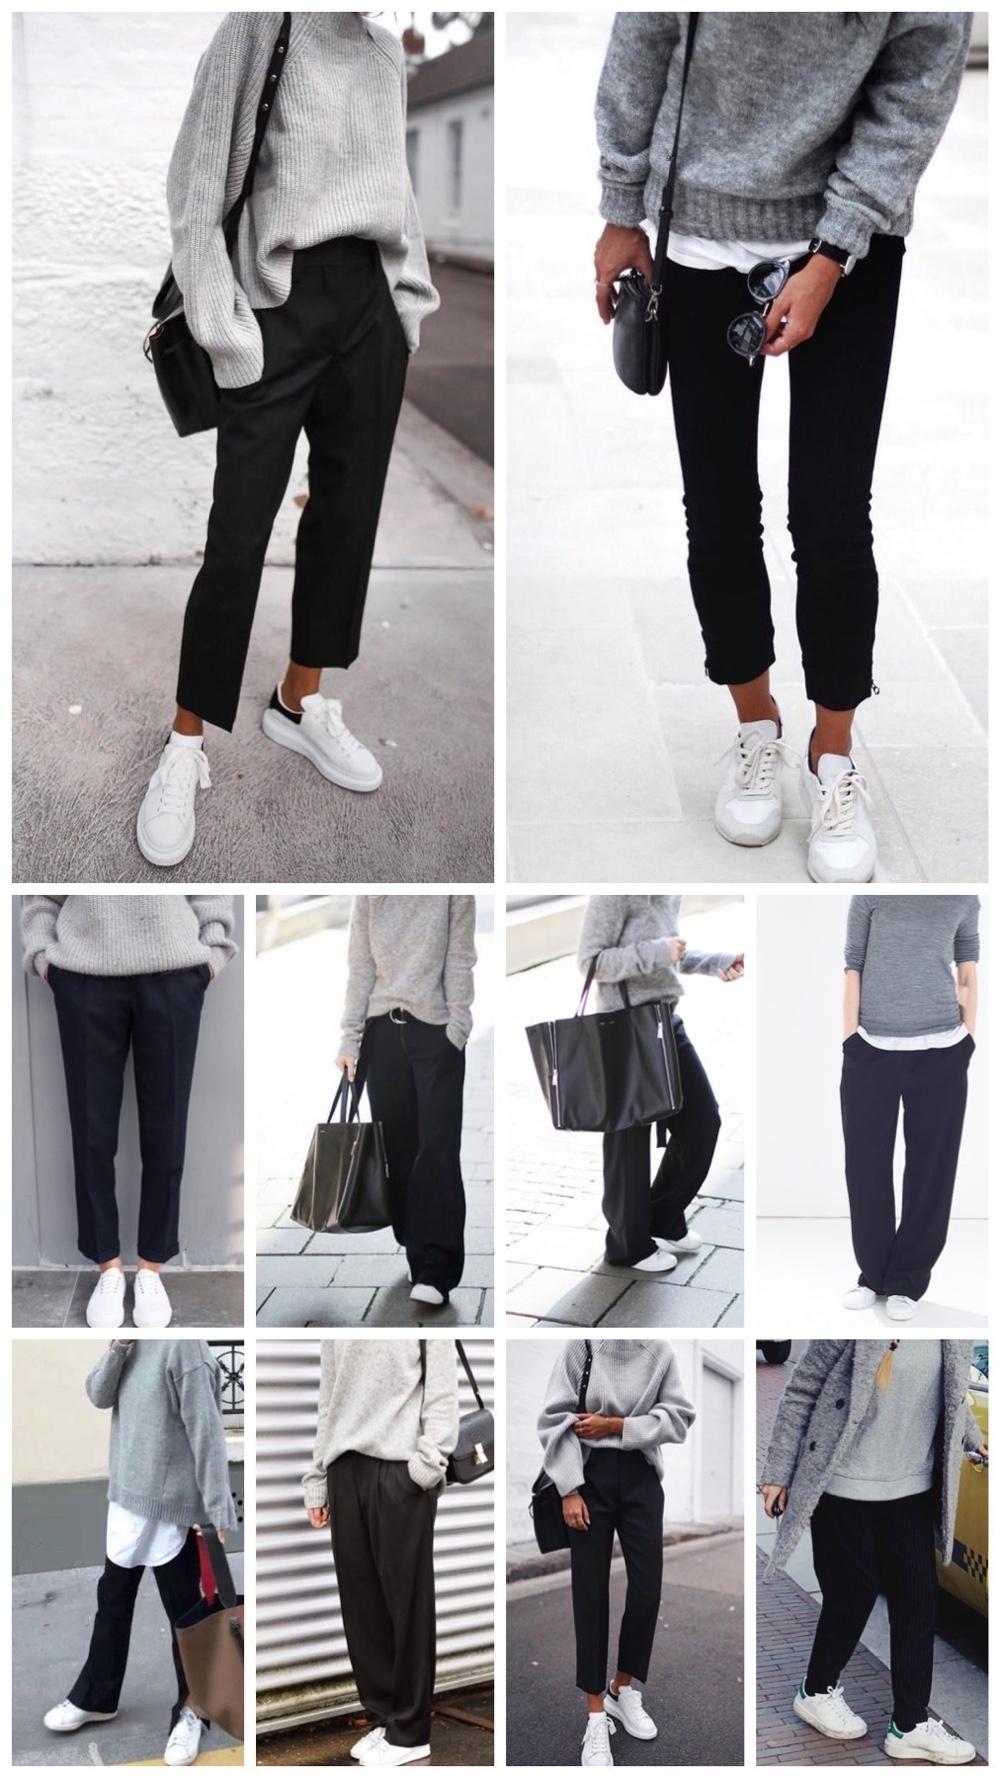 inspiratie voor de perfecte basic outfit